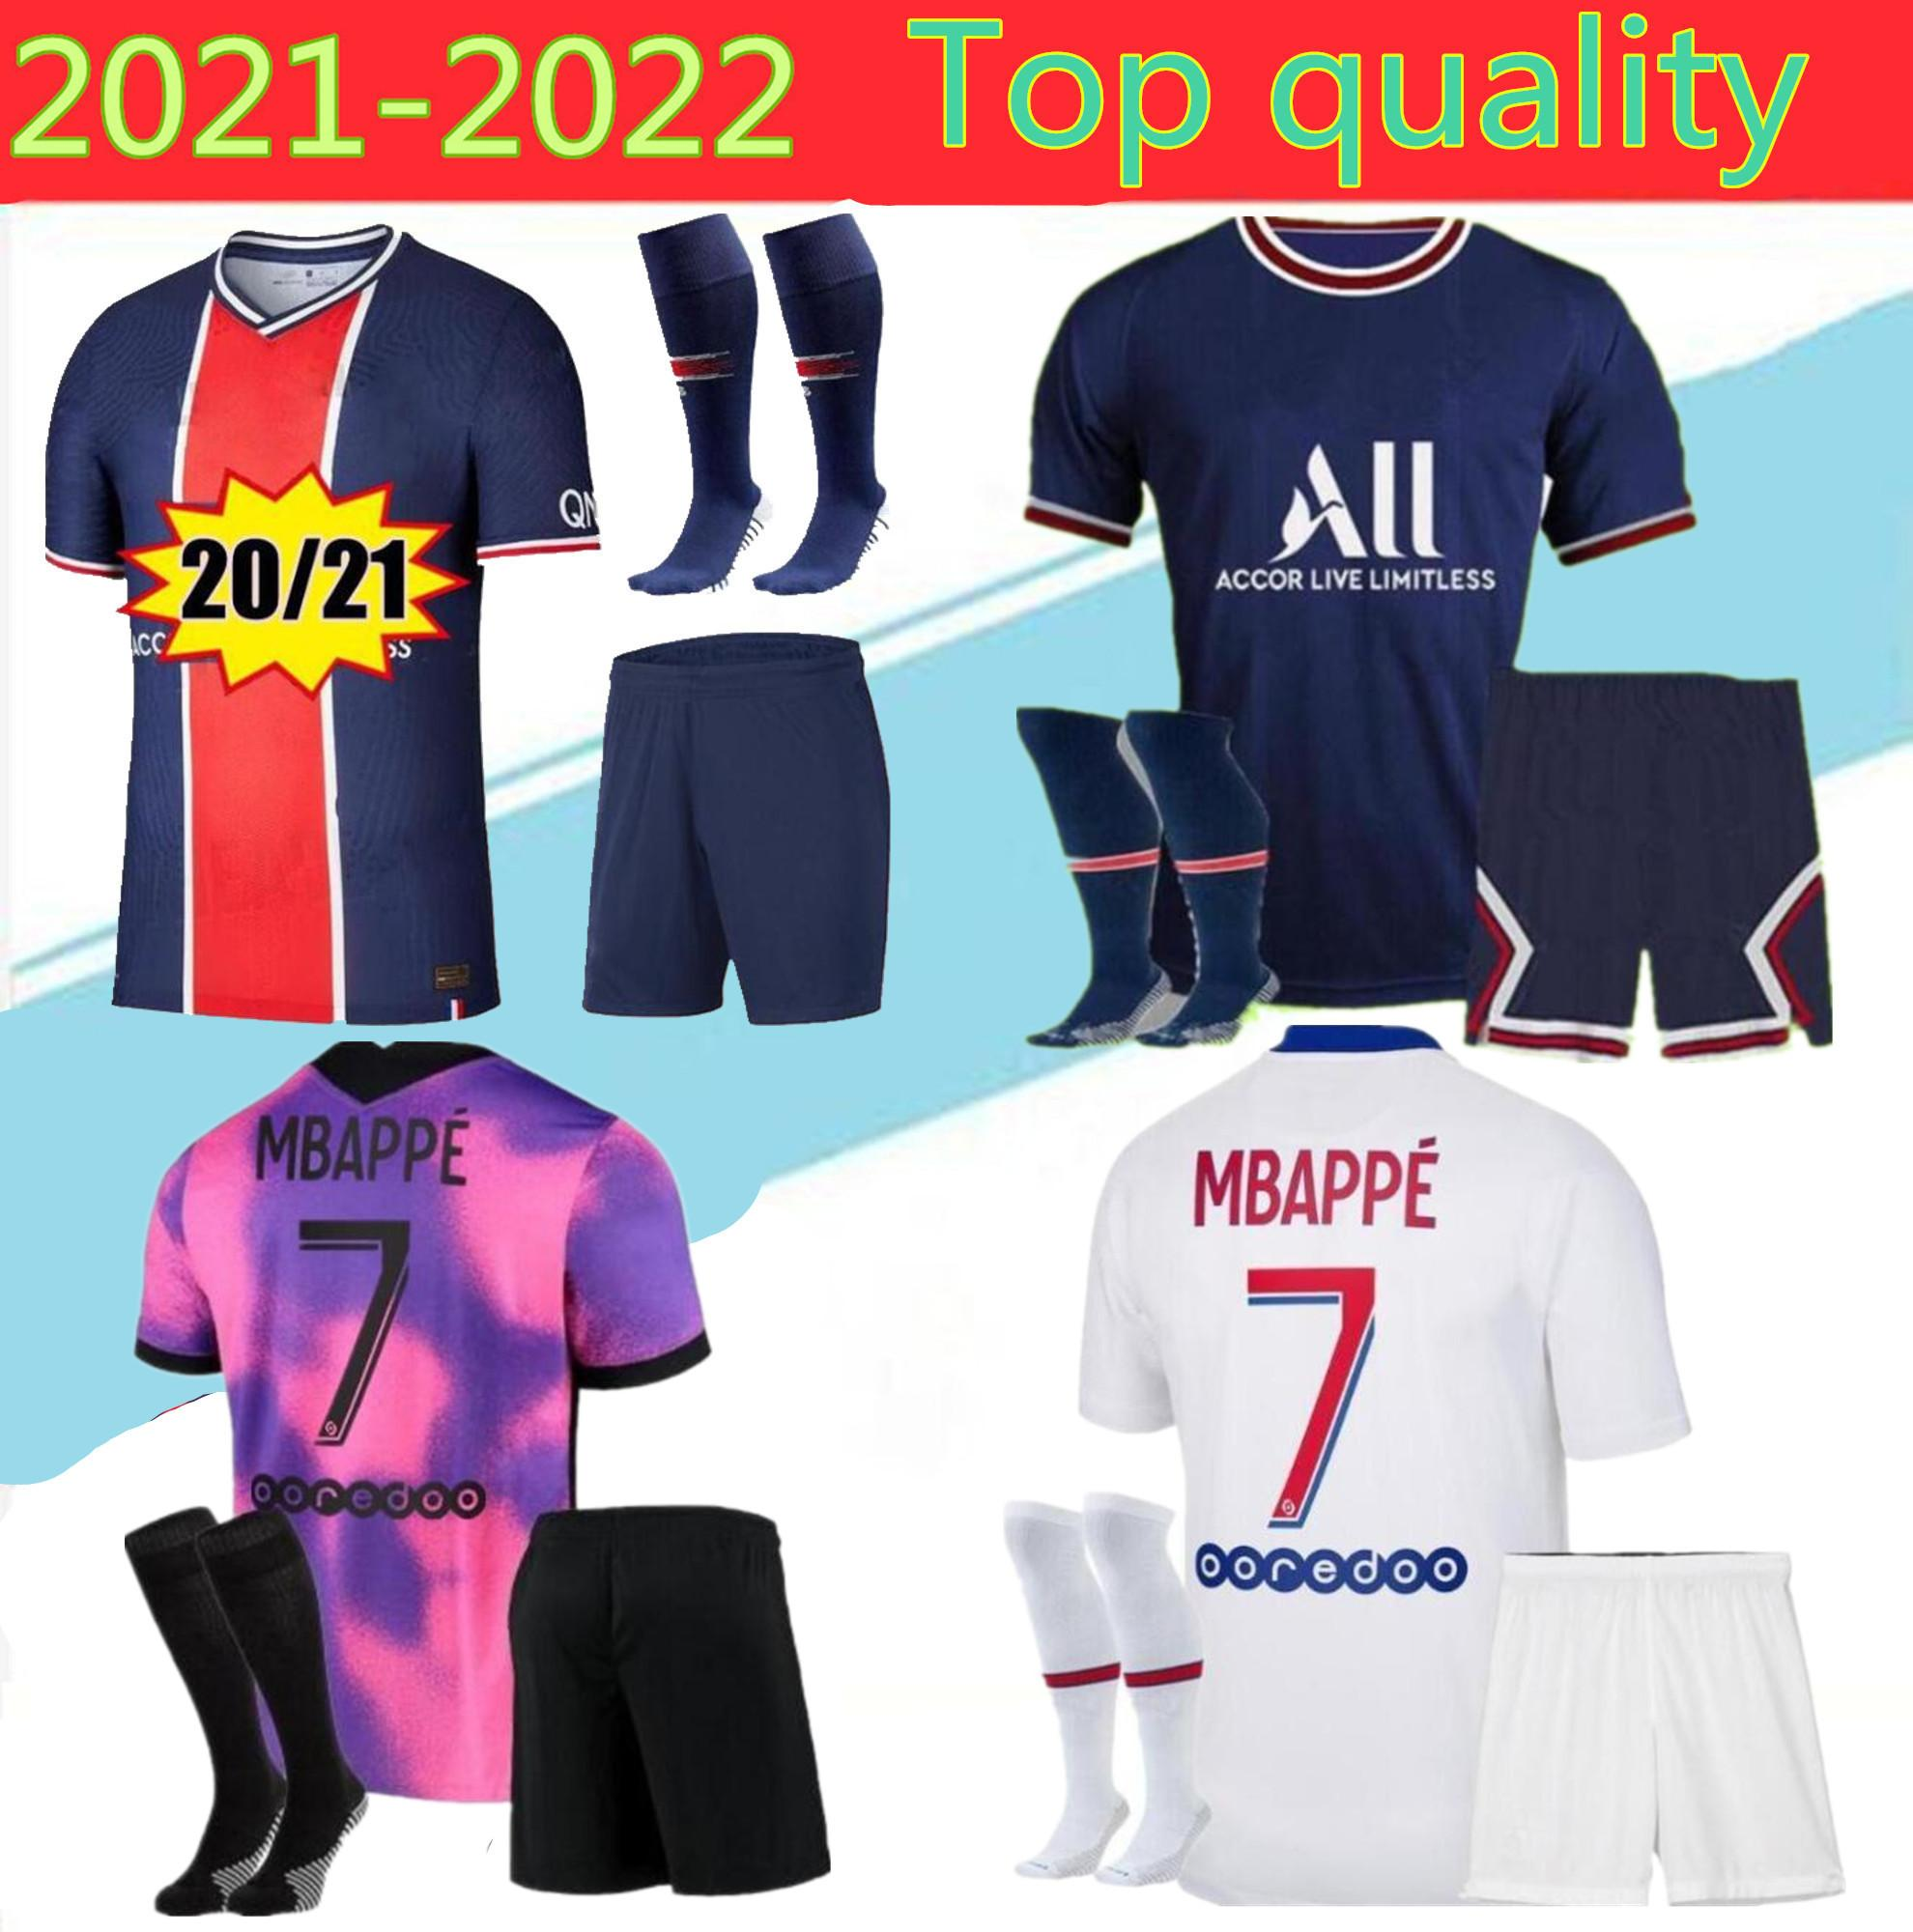 성인 2021 Icardi Mbappe Marquinhos 50T 축구 유니폼 20/21/22 Verratti Men Kimpembe Florenzi Maillots de Football Shirt K